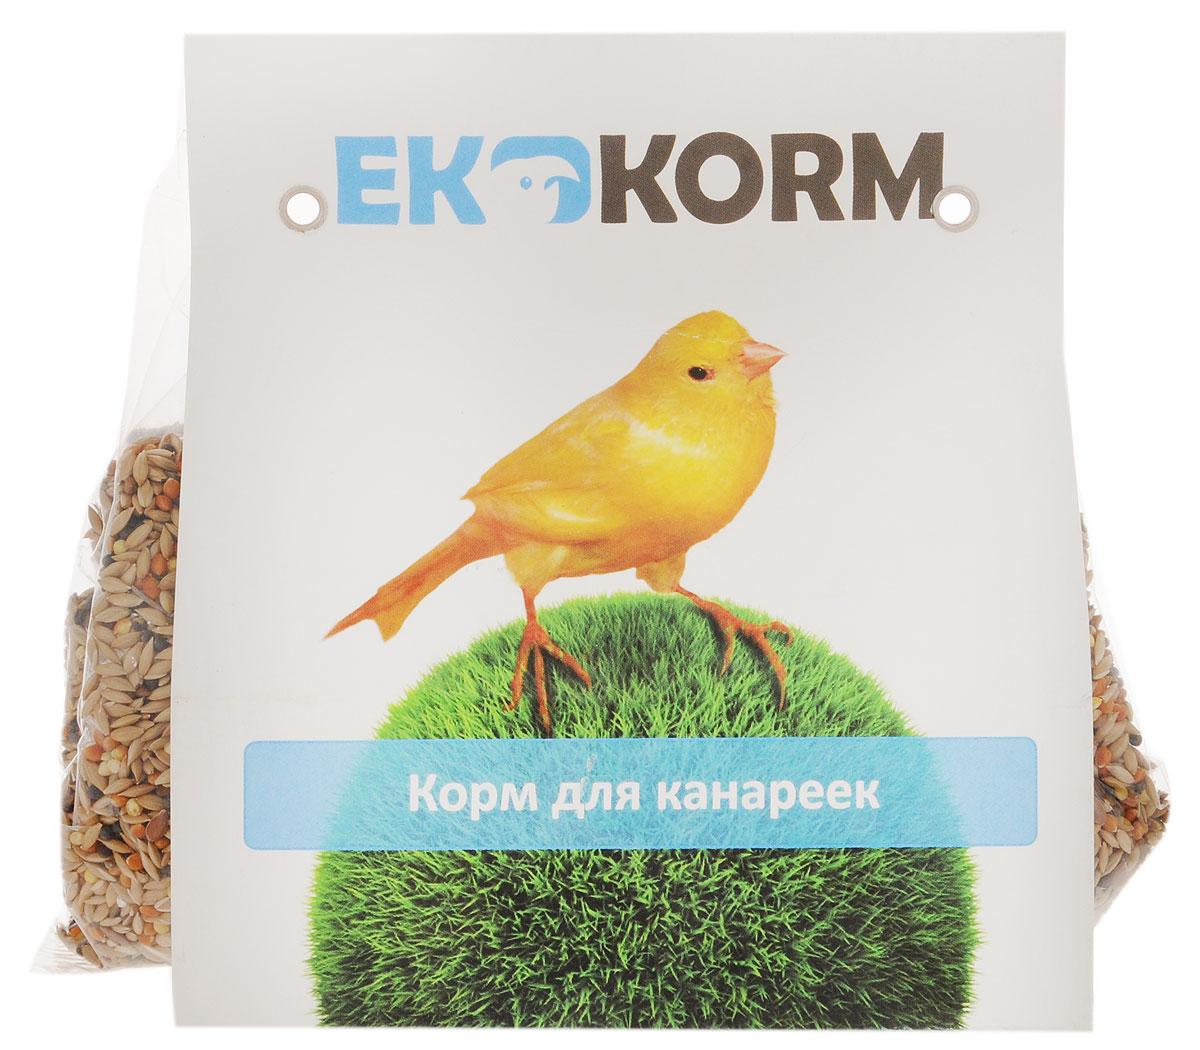 Корм для канареек Ekkorm, 400 г500304002Корм для канареек Ekkorm разработан с учетом потребностей канареек и особенностей их организма. Семена рапса являются источником белков и жиров, а также положительно влияют на рост и оперение птиц. Красное и желтое просо богато различными витаминами и микроэлементами, благотворно влияющими на обмен веществ и состояние костей канарейки. Семя льна улучшает качество оперения, укрепляет иммунитет и обладает успокаивающим свойством. Канареечное семя содержит массу питательных веществ и является одним из самых любимых канарейками продуктов. Товар сертифицирован.